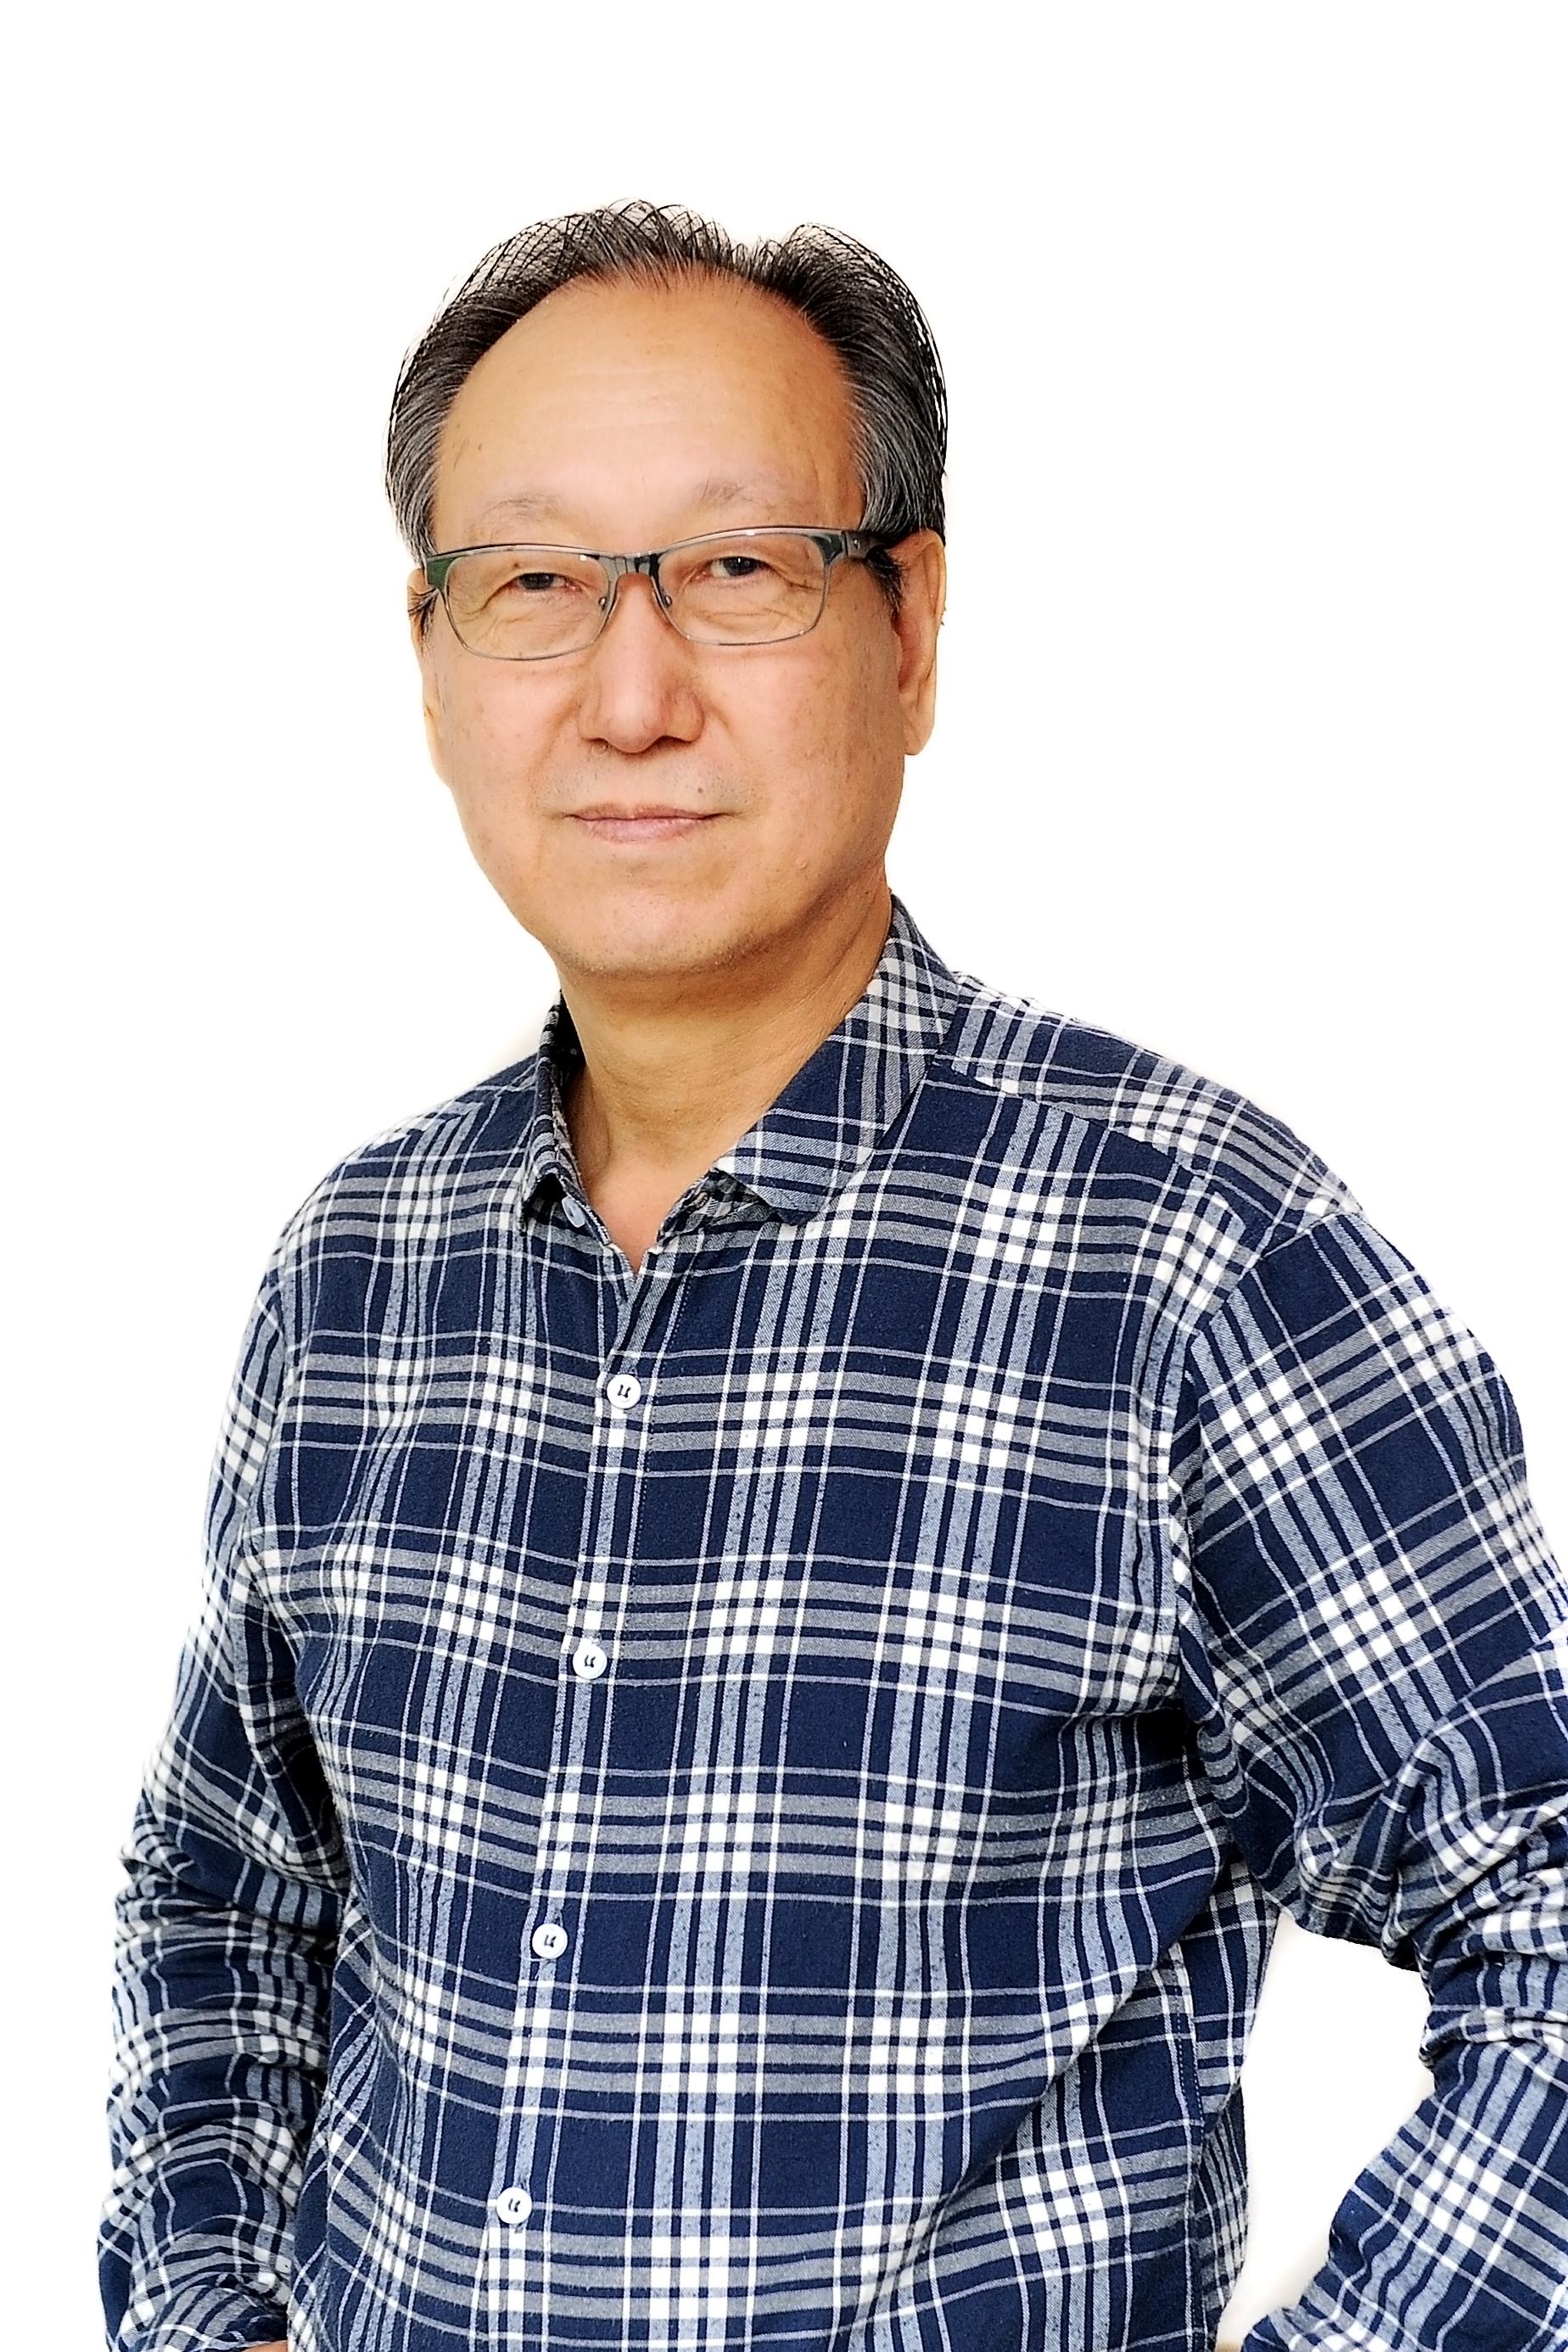 中、意时尚协会共同助力中国设计走向国际